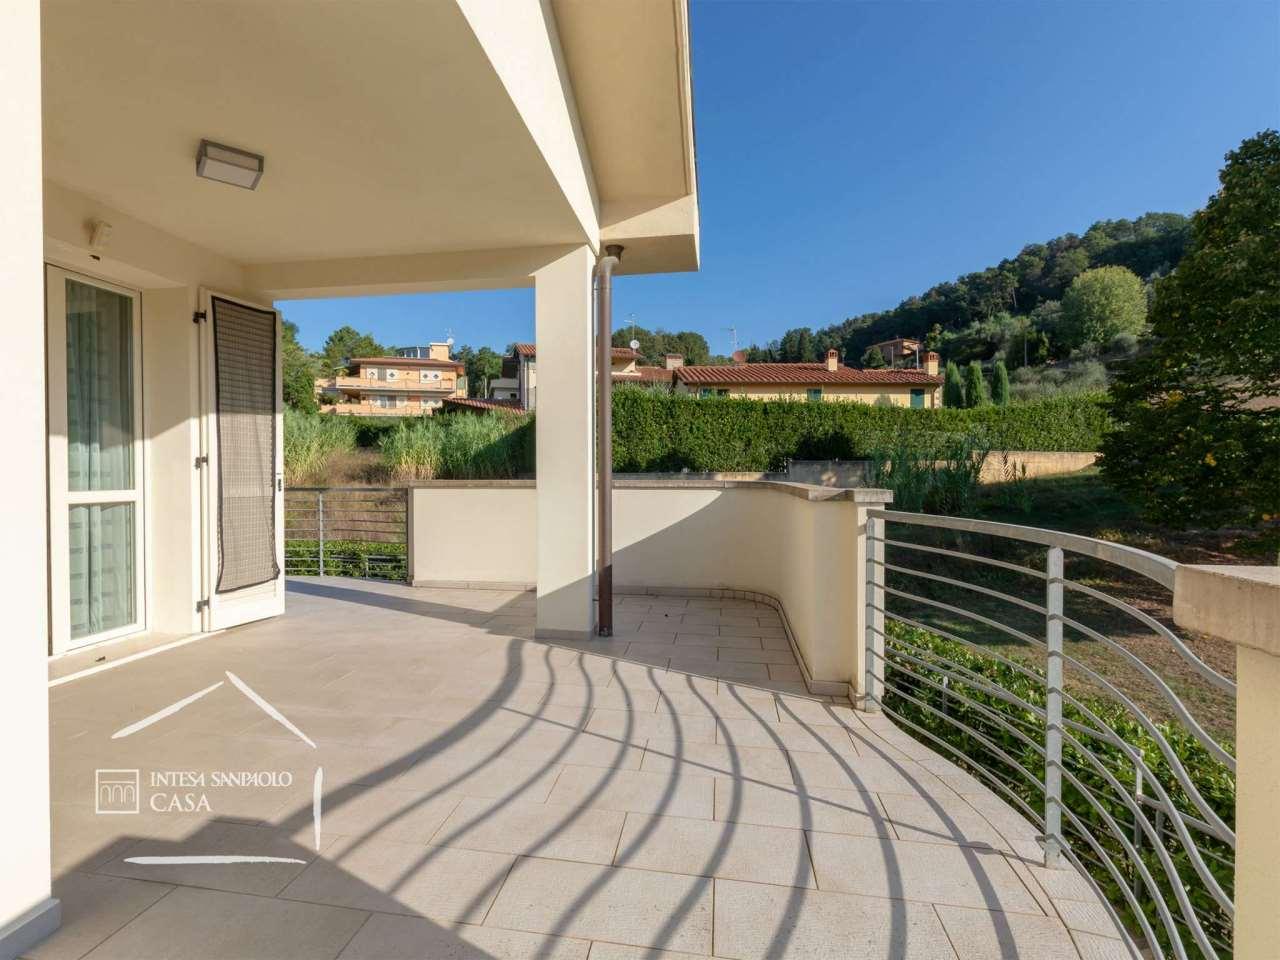 Villa in Vendita a Montecatini-Terme: 3 locali, 293 mq - Foto 4